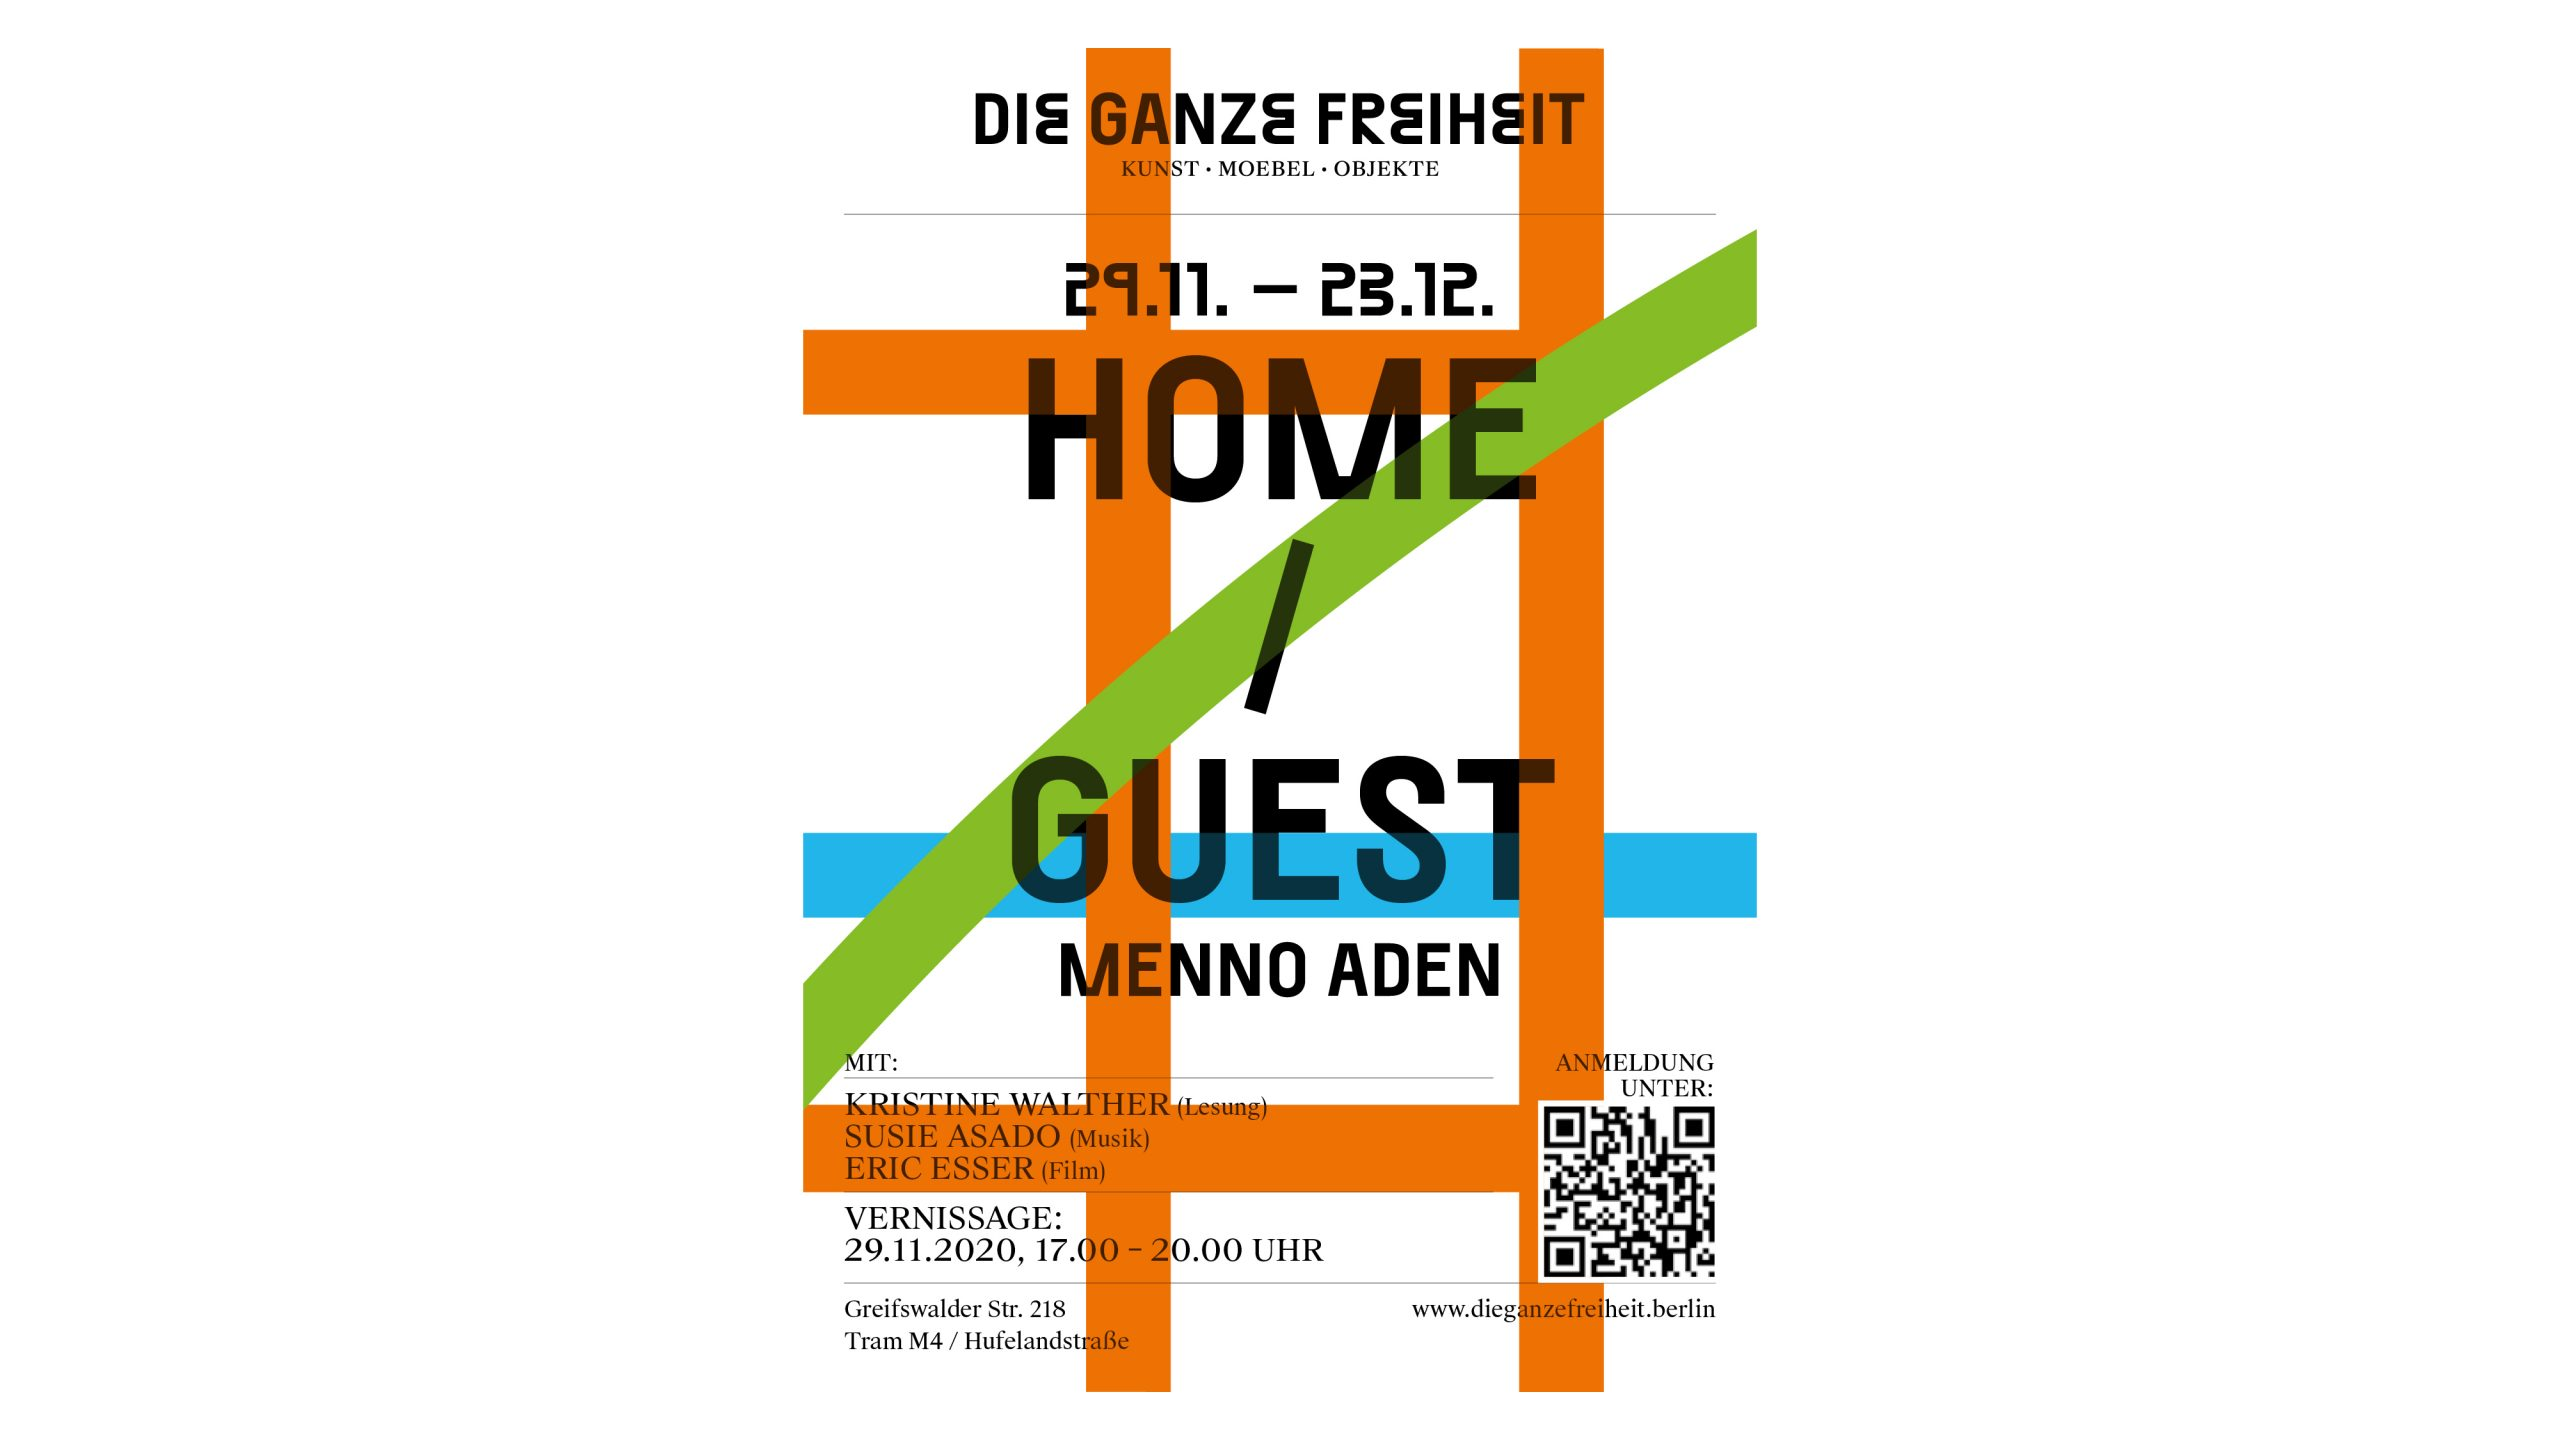 HOME-GUEST_Menno Aden_Gallery Die Ganze Freiheit_Berlin